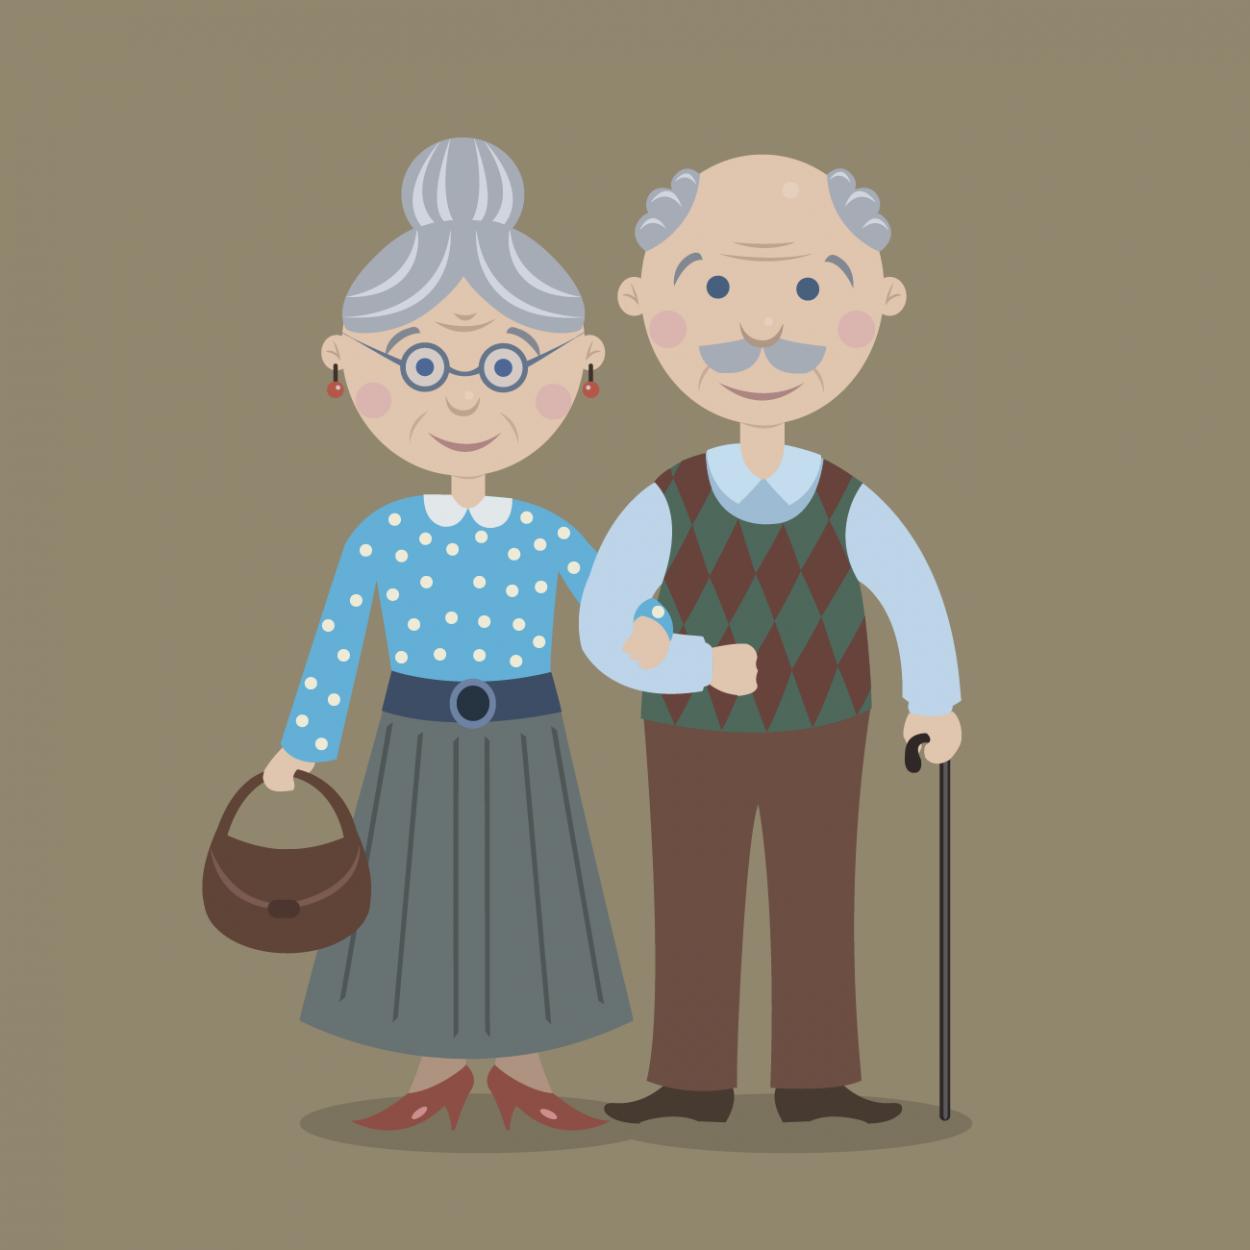 Иллюстрация к анекдоту про женщину, прожившую в браке 40 лет без единой ссоры